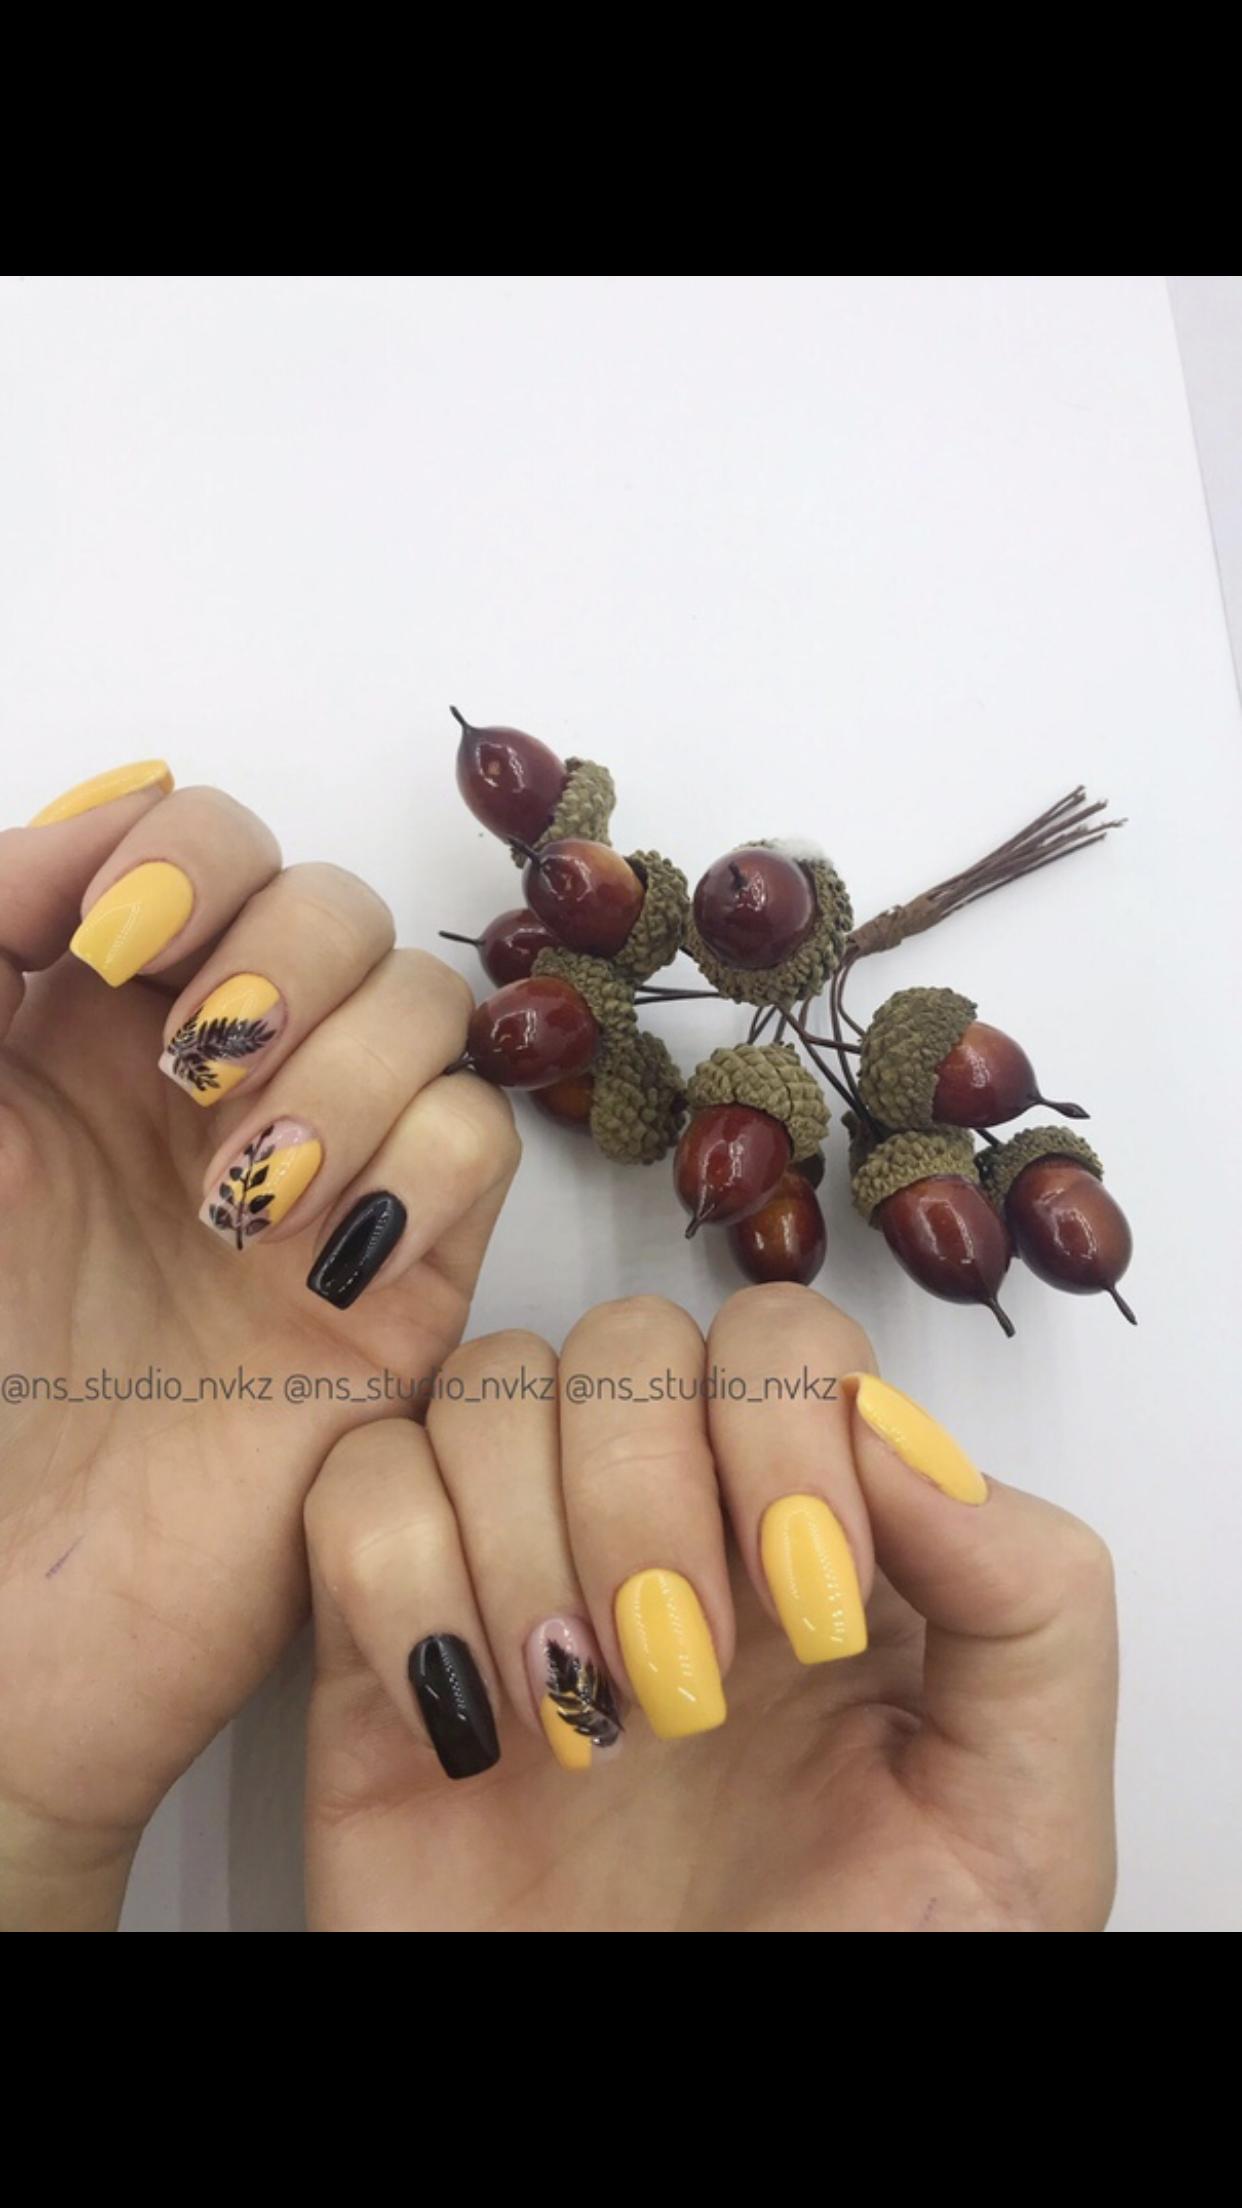 Маникюр с контрастным сочетанием чёрного и жёлтого цветов и растительными слайдерами.